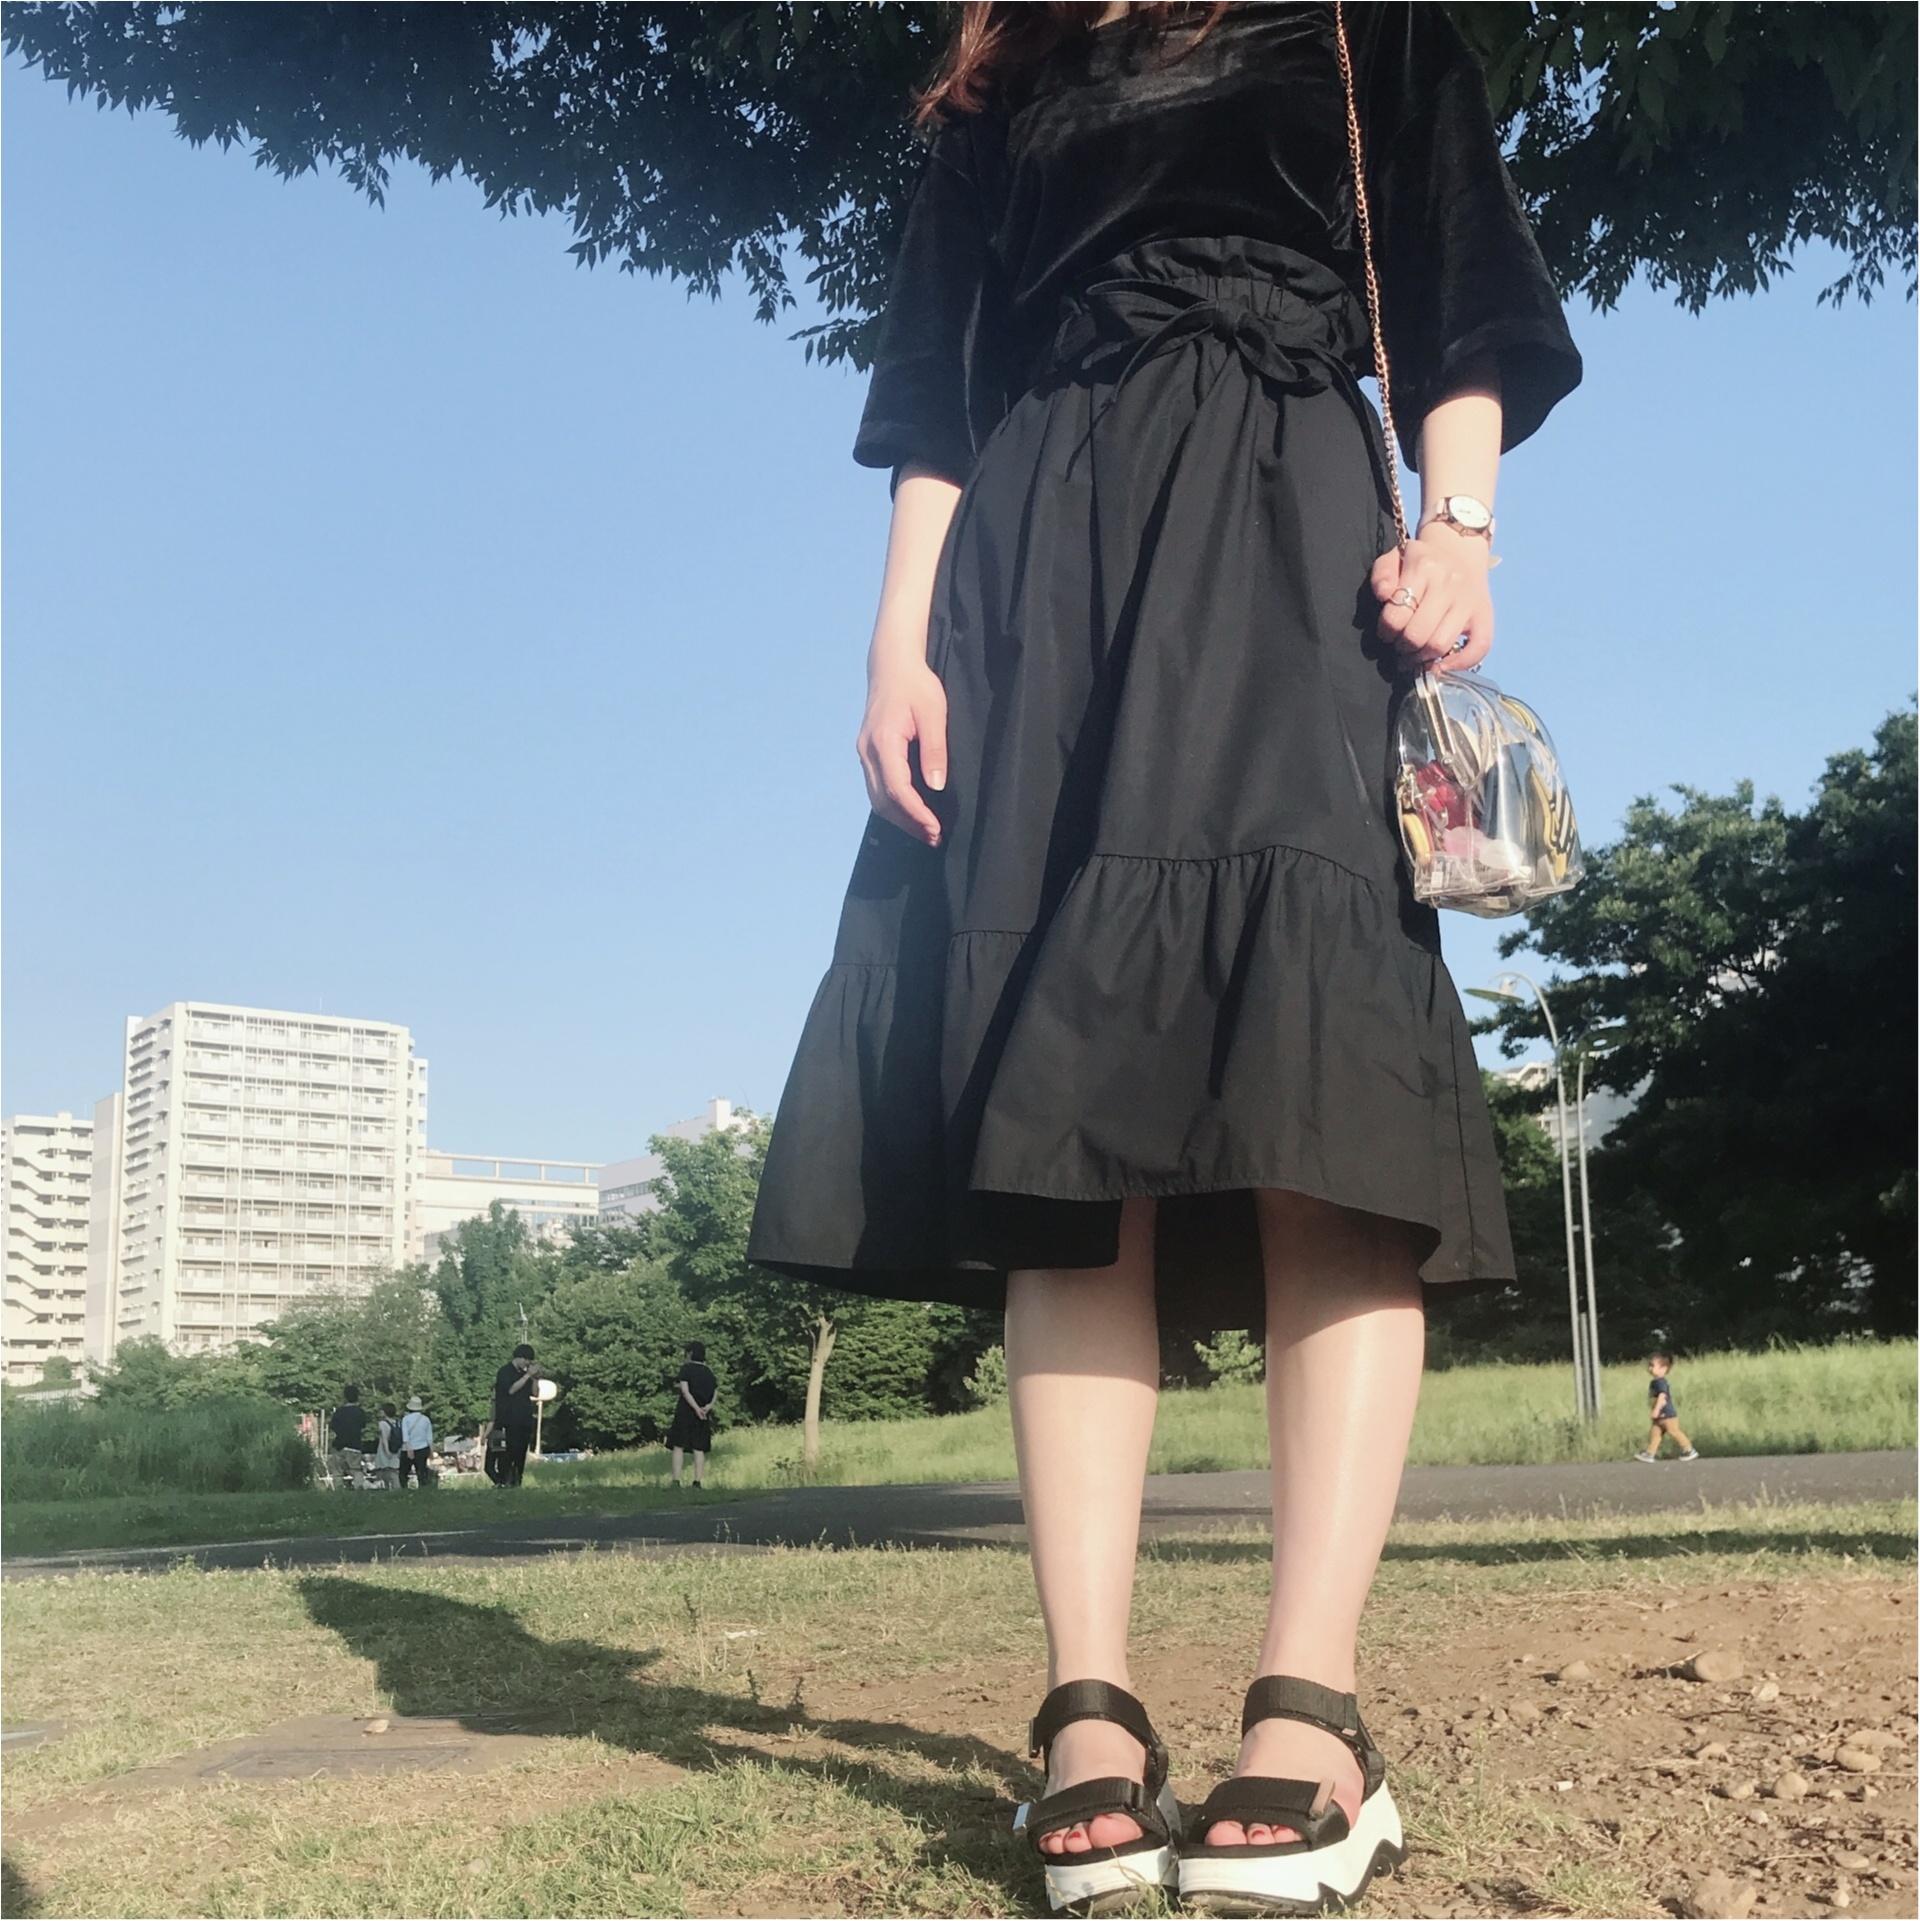 【ZARA】買ってよかった高コスパ靴!売切れ必須#ヴェッジソールサンダルが優秀すぎ♡_9